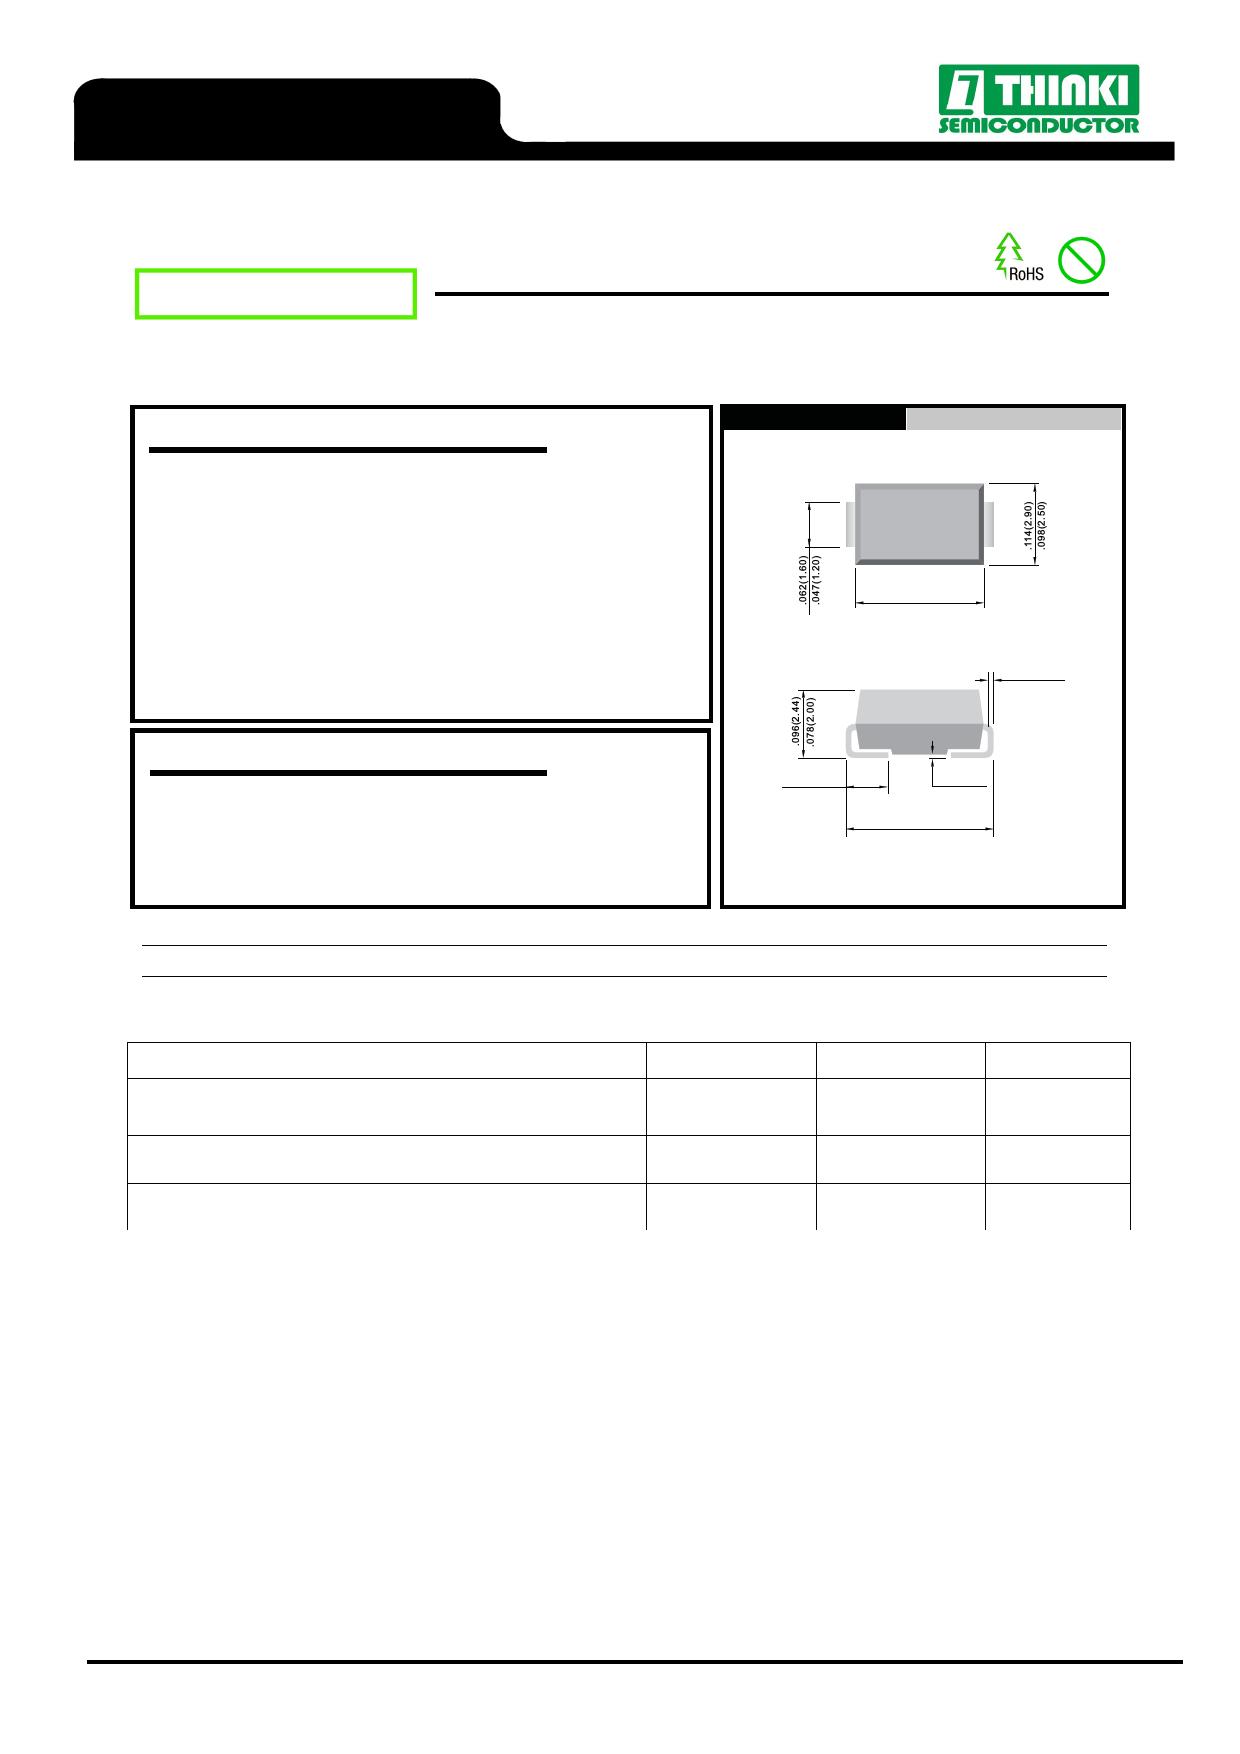 1SMA4747 datasheet